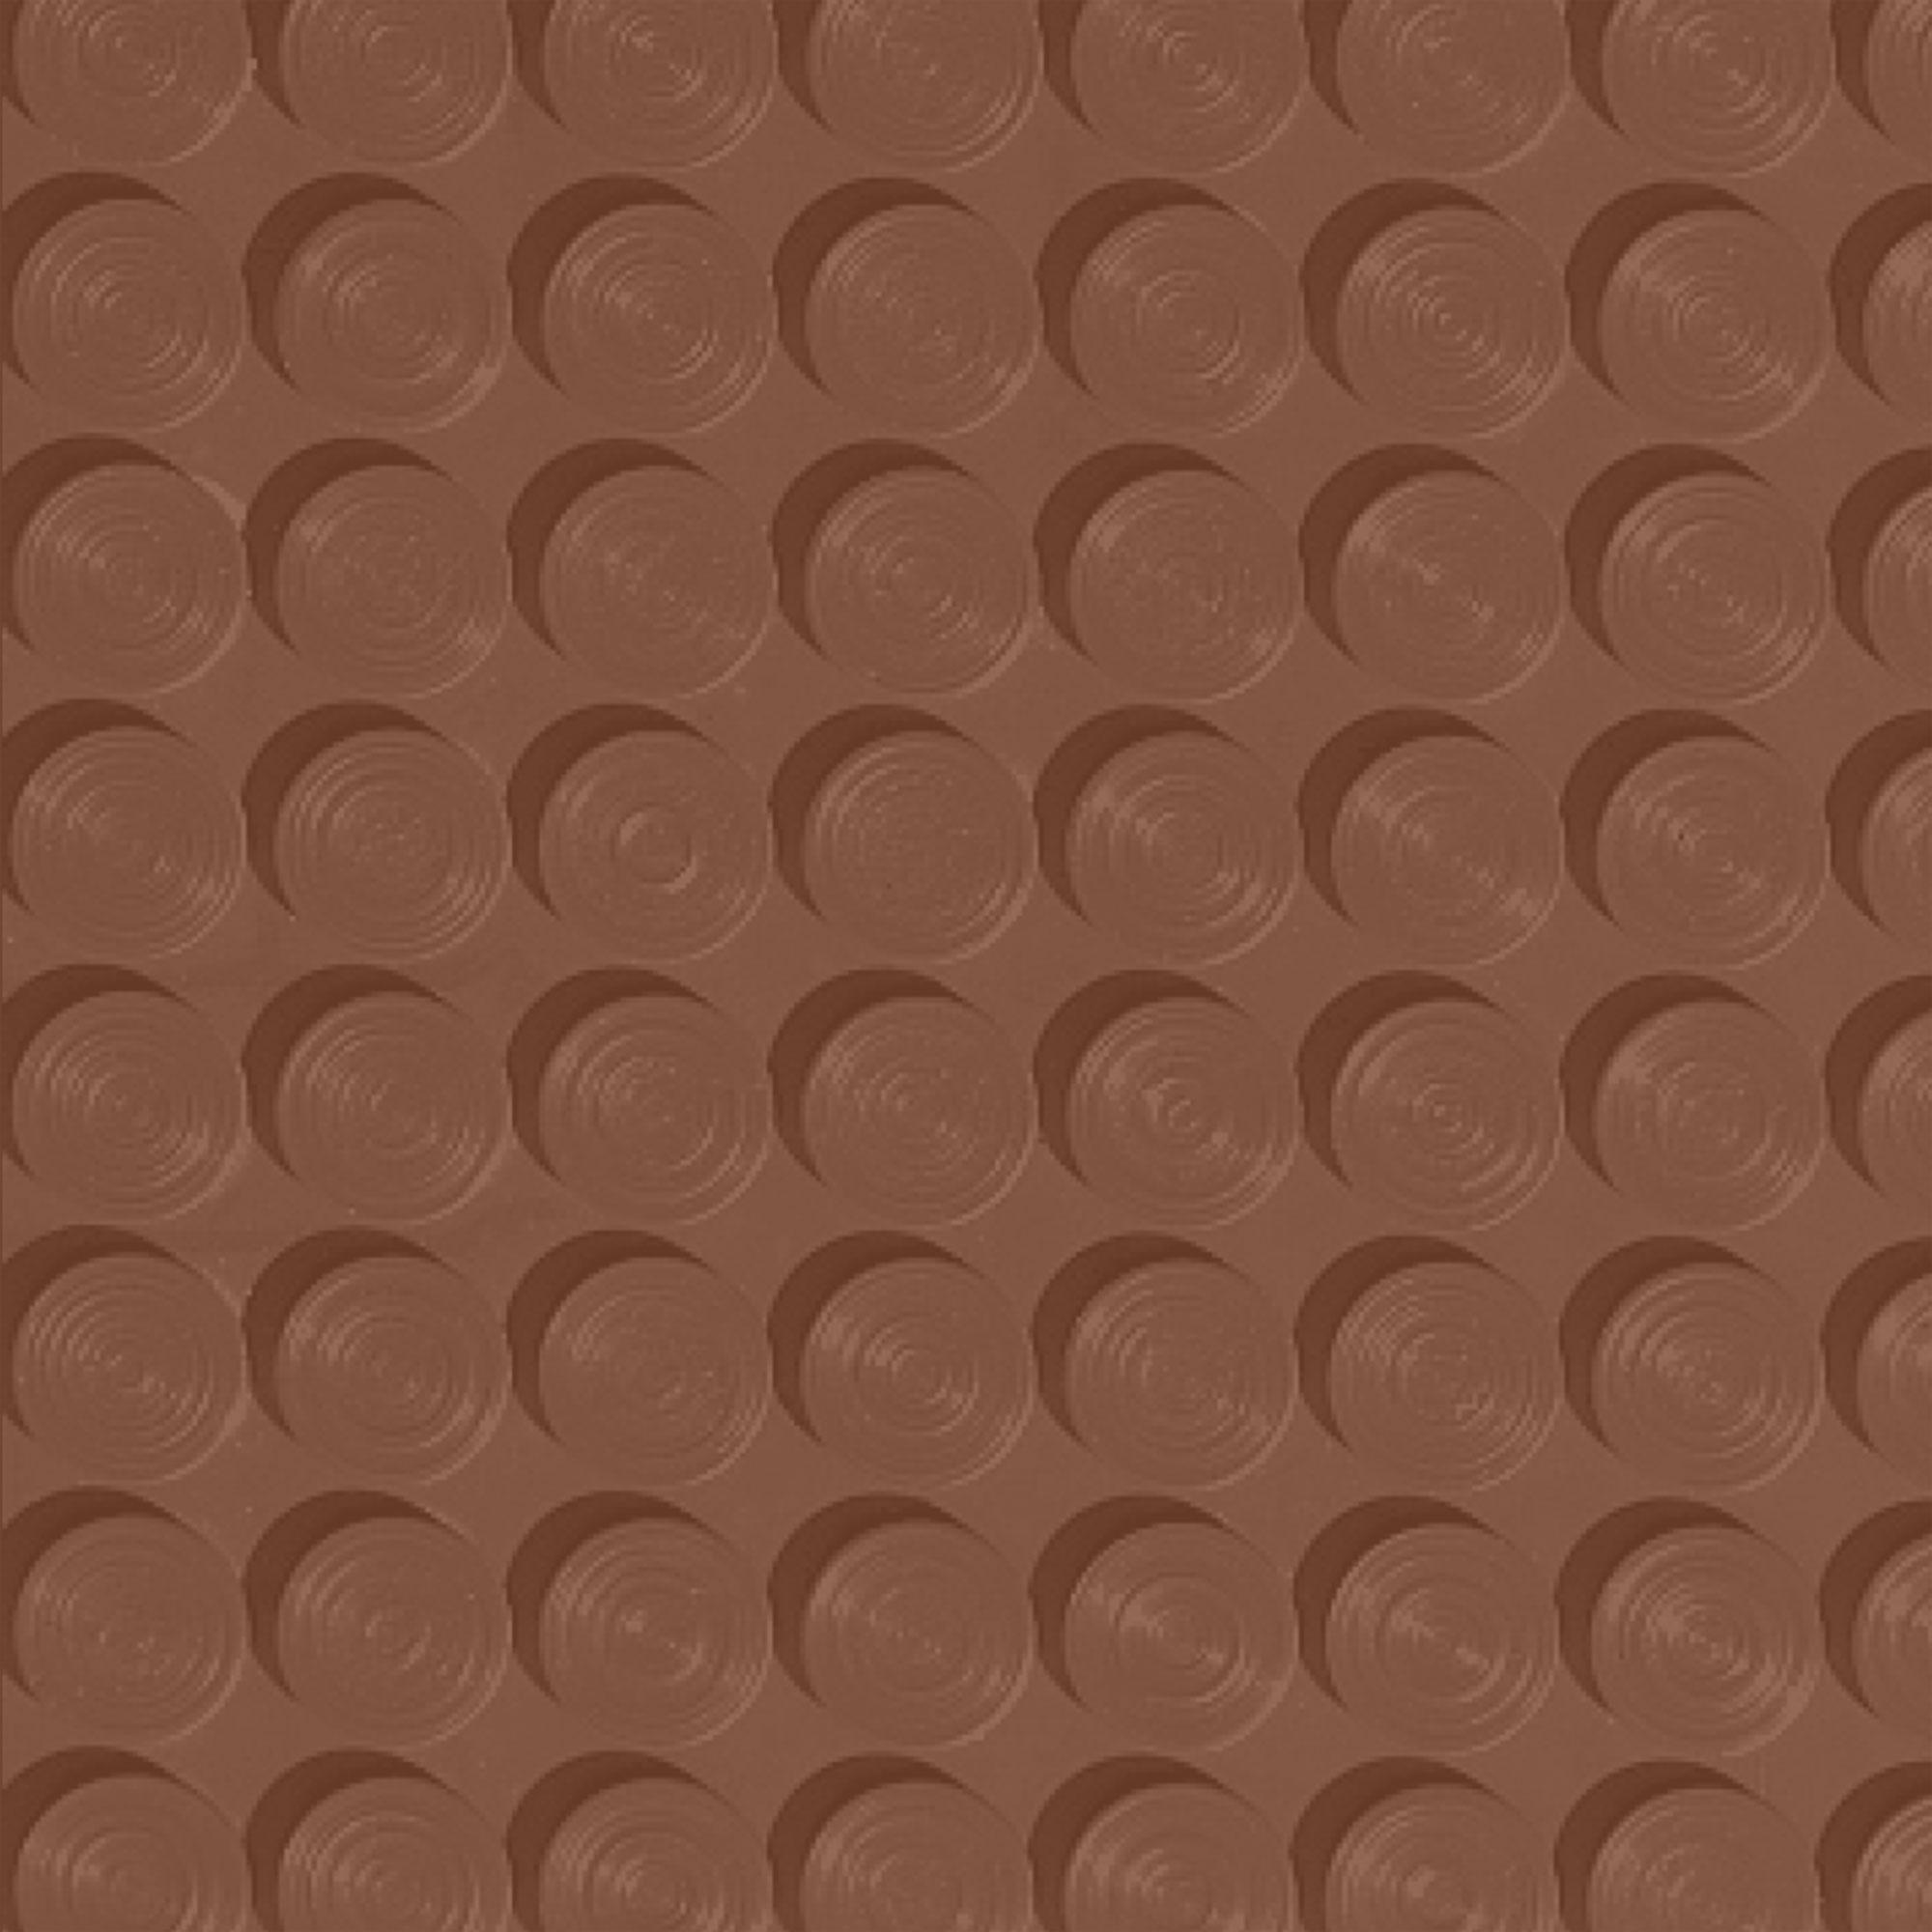 Roppe Rubber Tile 900 - Lug Back Vantage Design (LB996) Nutmeg Rubber Flooring